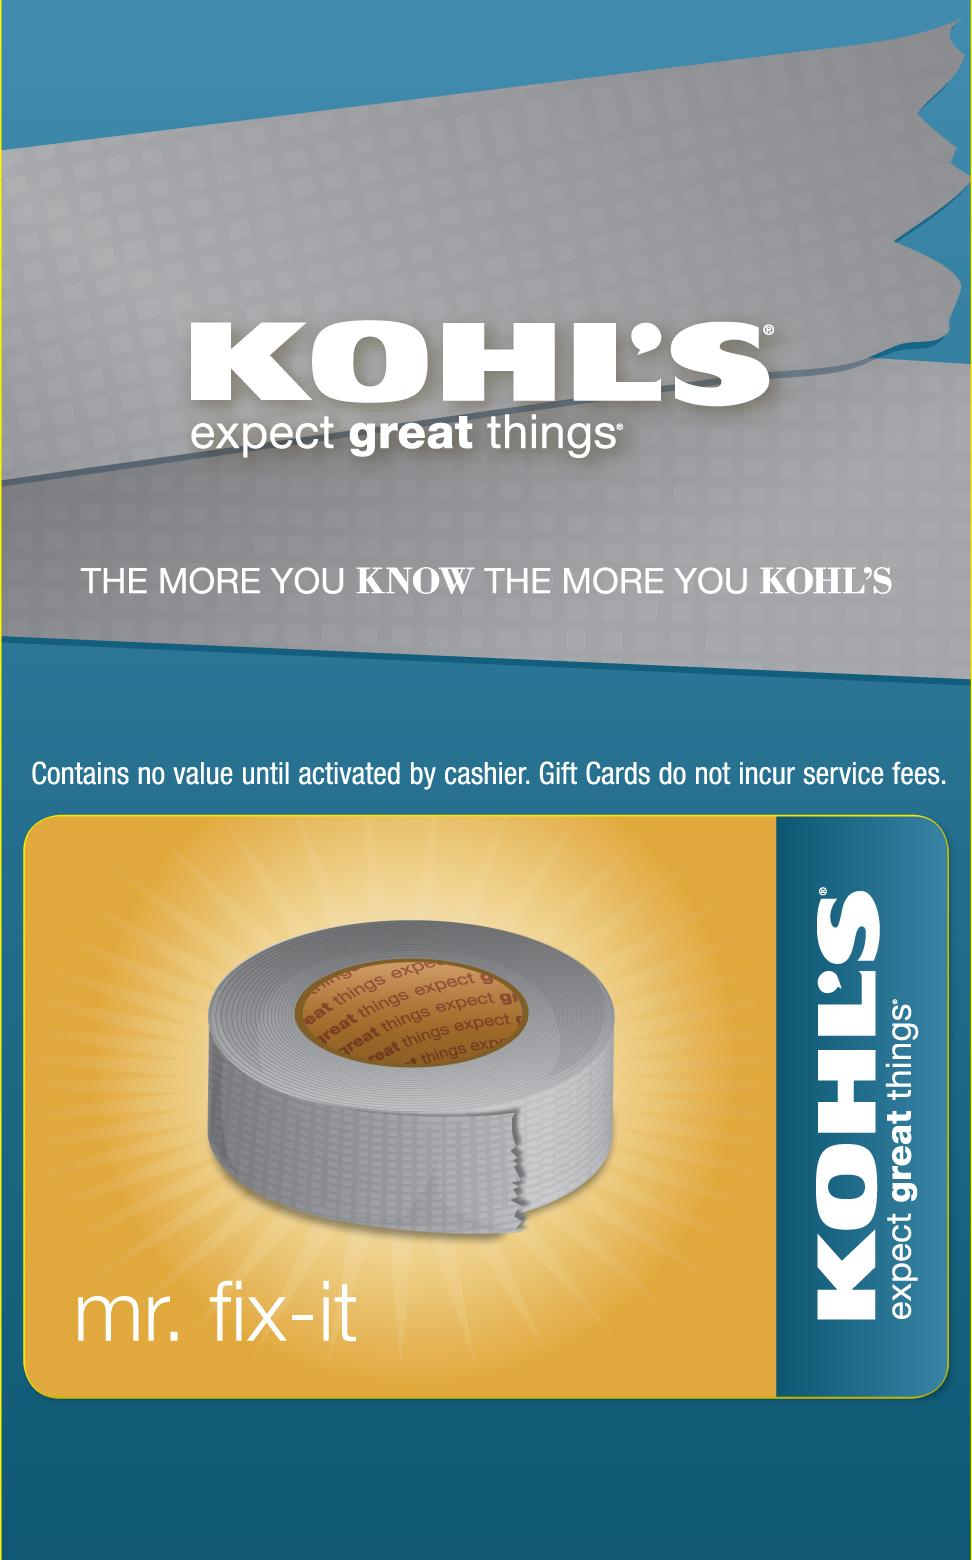 KohlsGC_1.jpg